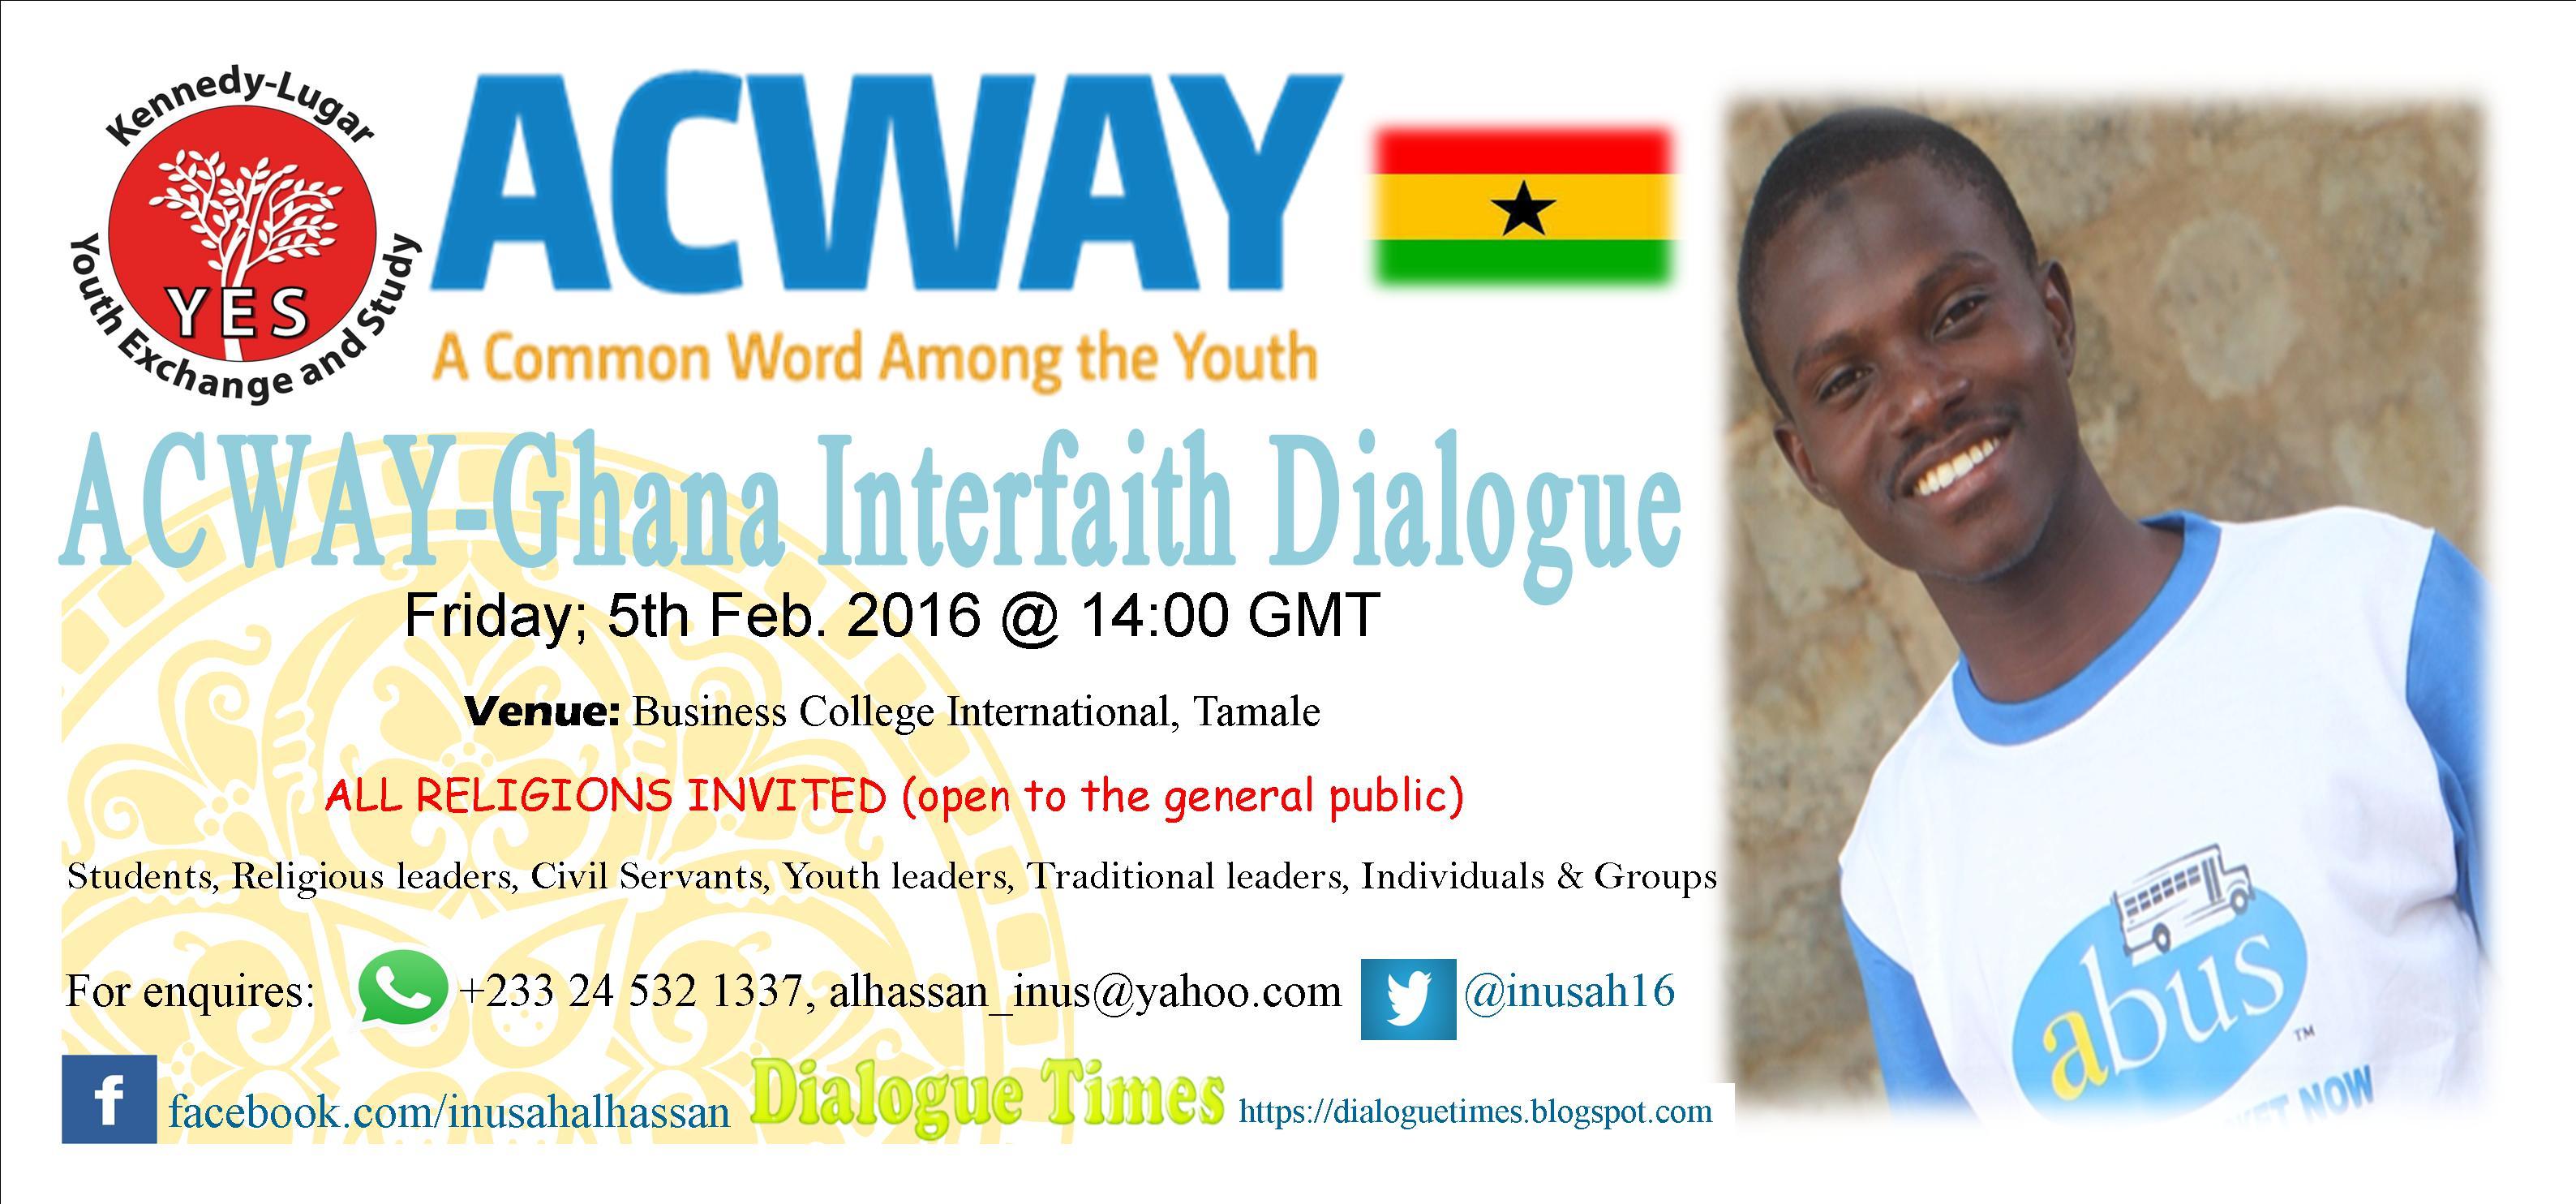 ACWAY-Ghana Interfaith Dialogue-3.jpg